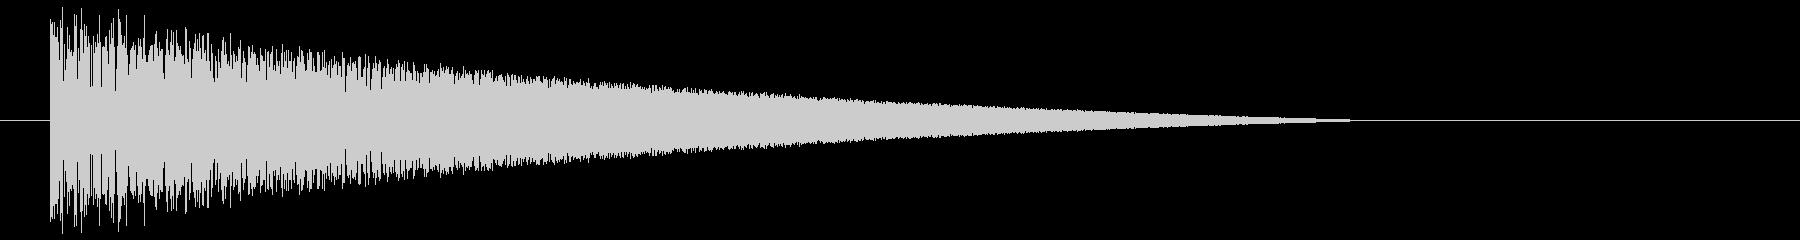 ファミコン風_ブワァ~ン_ロケット発射音の未再生の波形